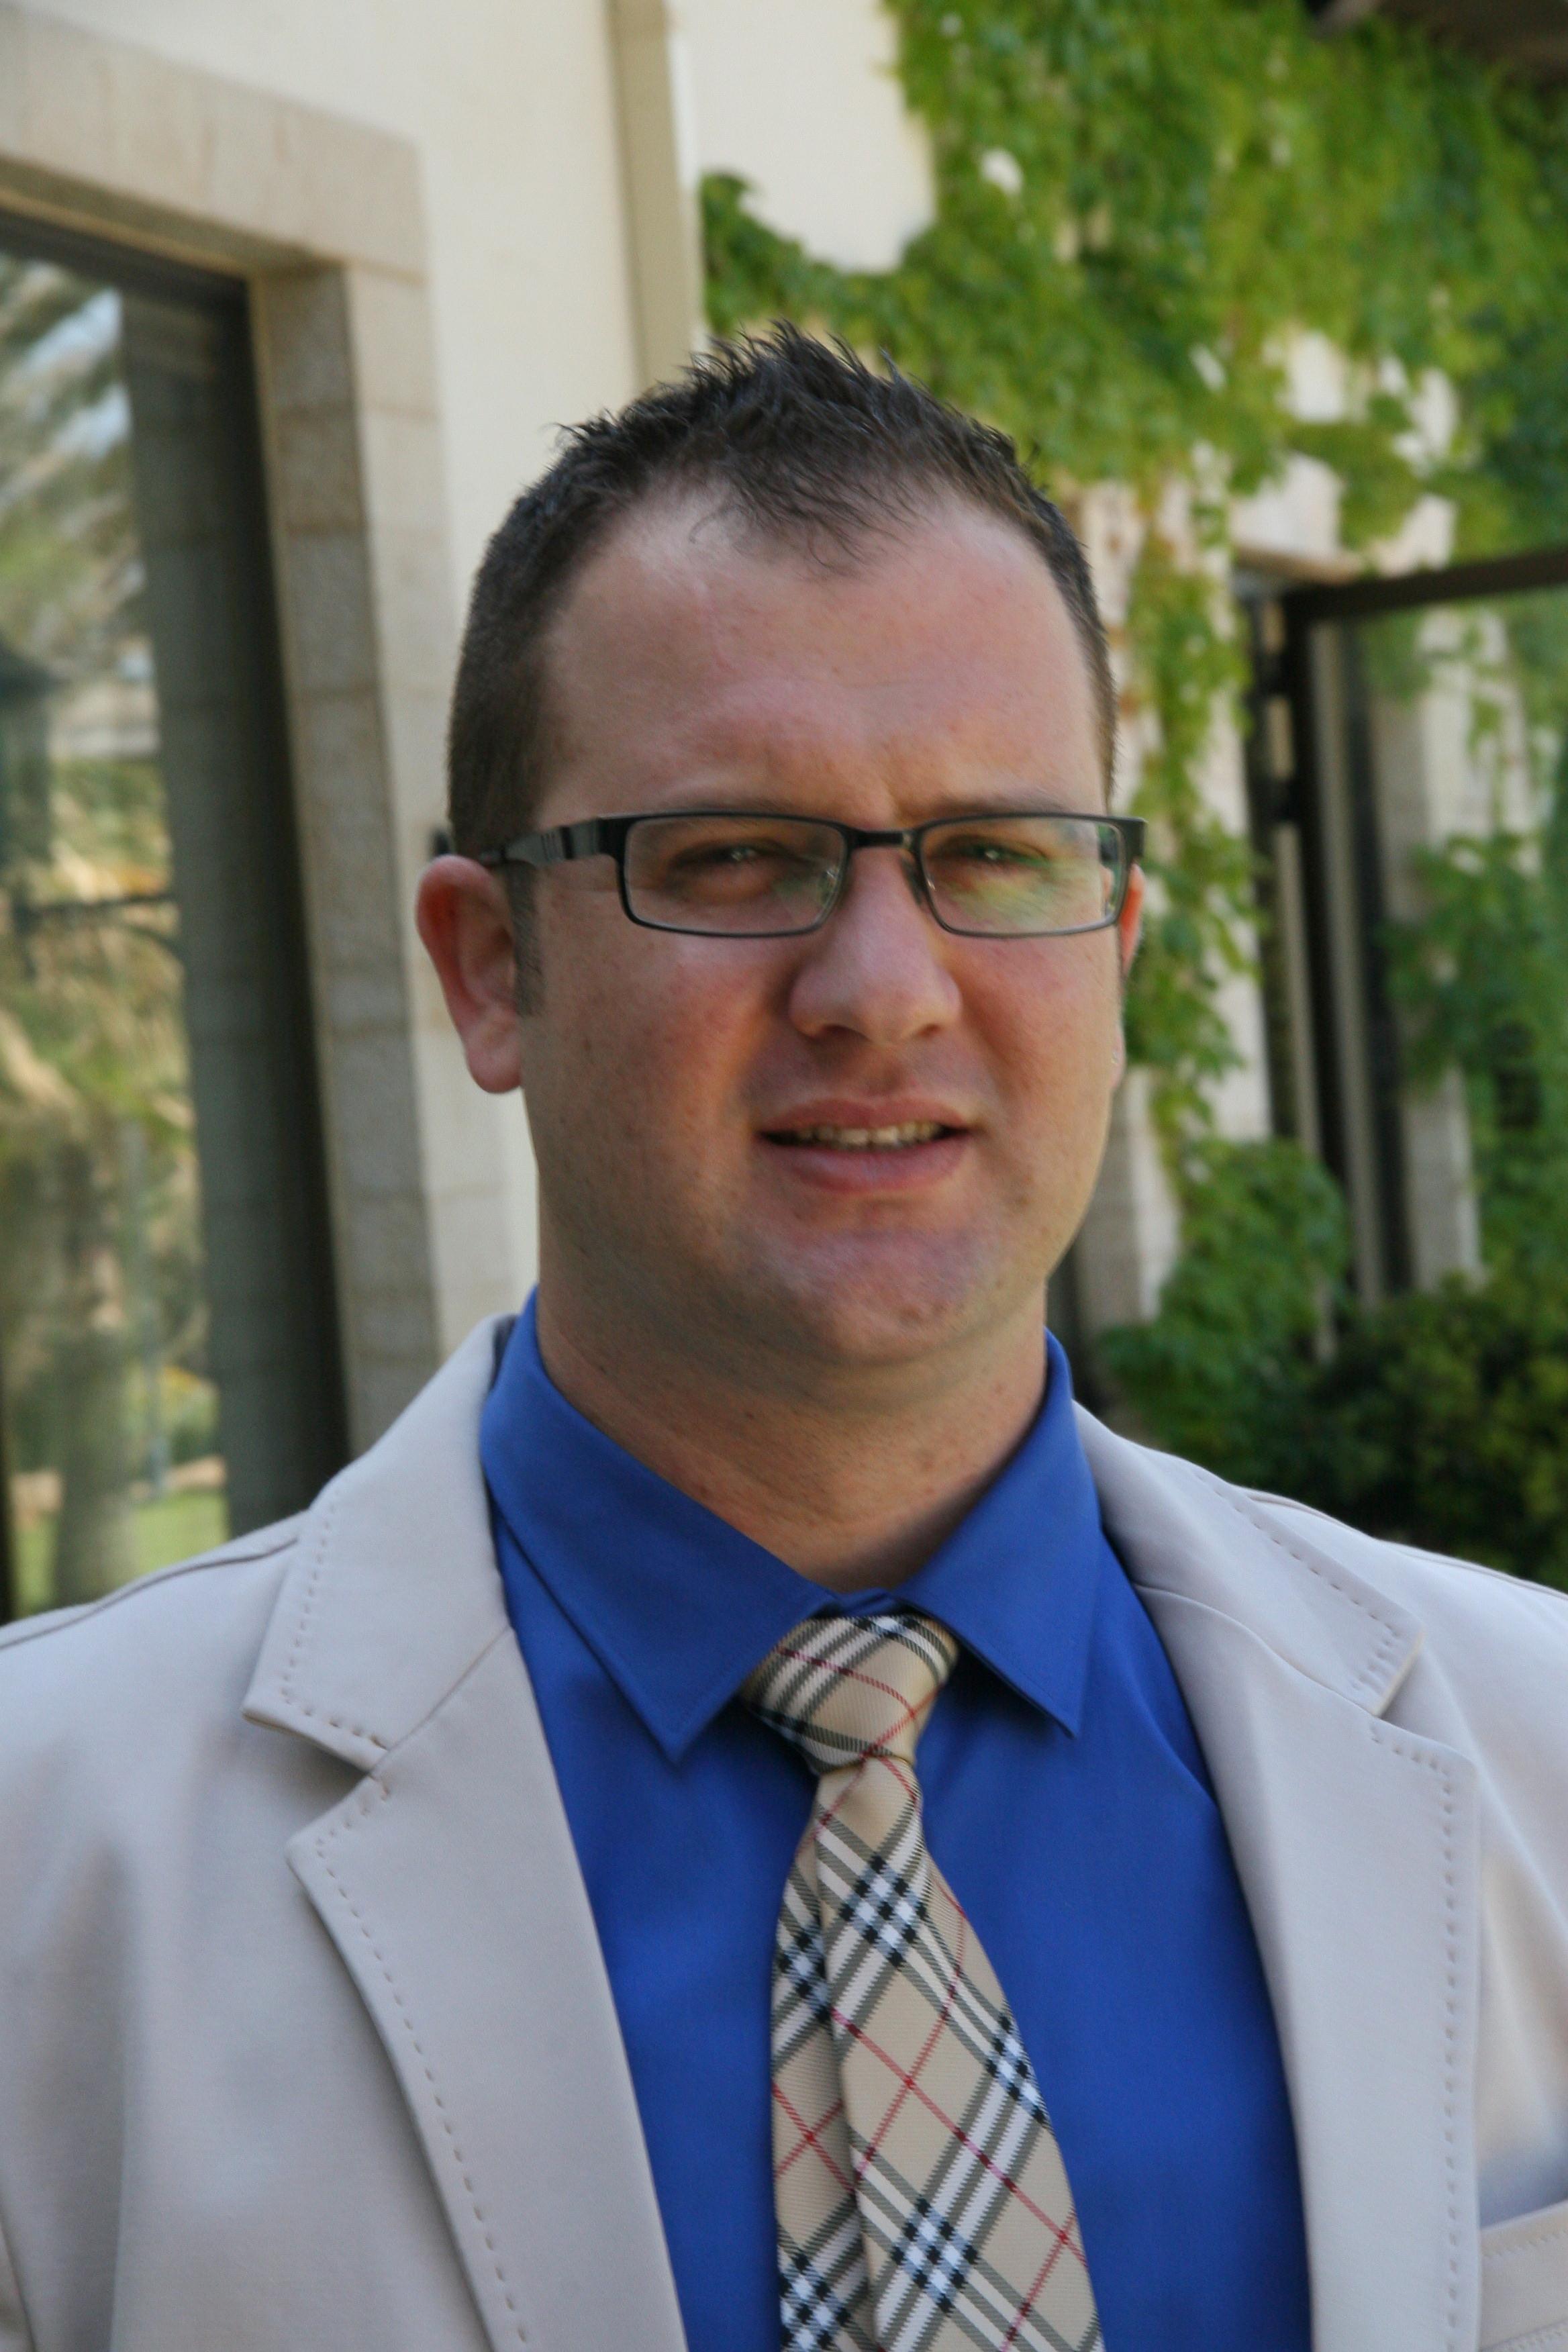 """ד""""ר לב גינצברג מומחה בכירורגיה אורתופדית"""